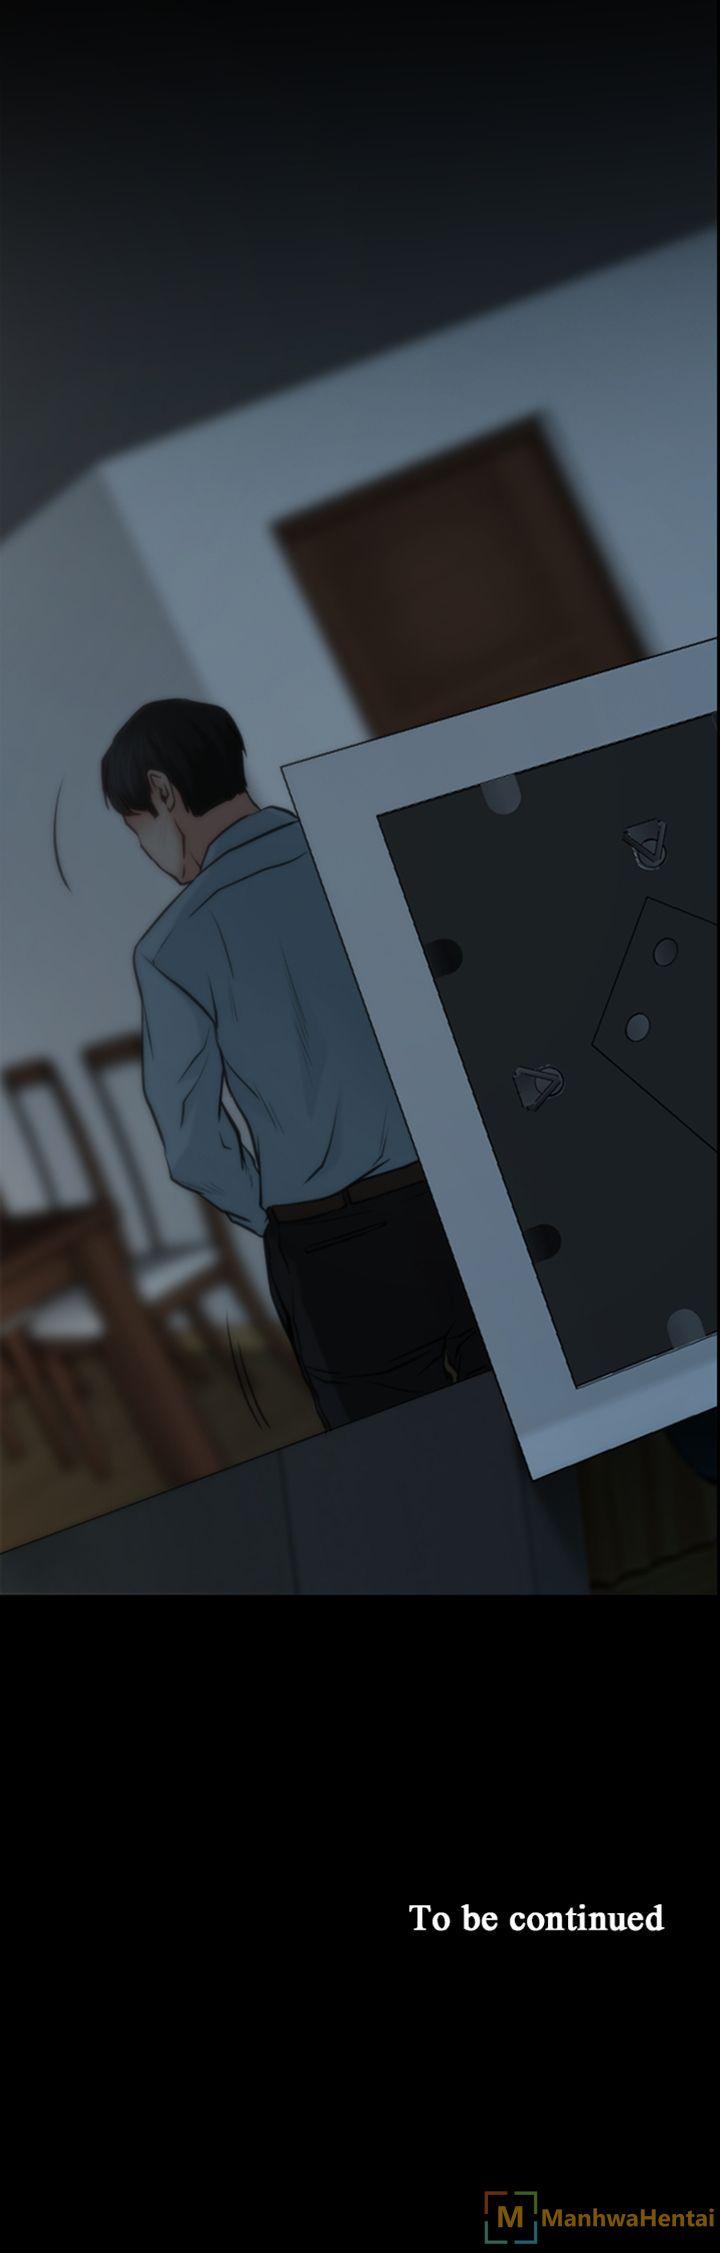 ความรู้สึกที่ซ่อนไว้ 6 ภาพ 34